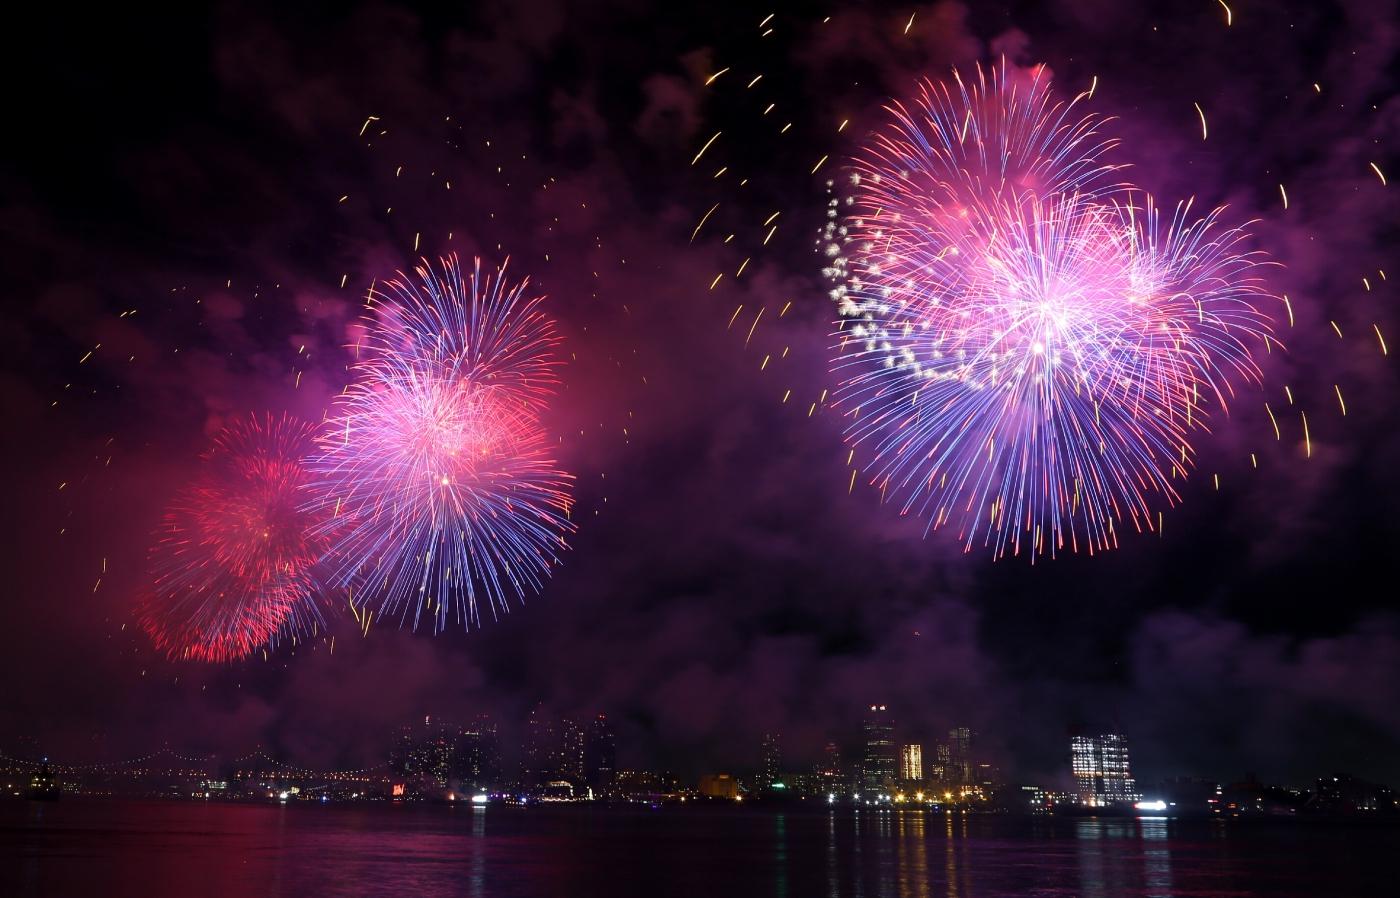 【田螺摄影】记录拍摄2017美国烟火秀_图1-27